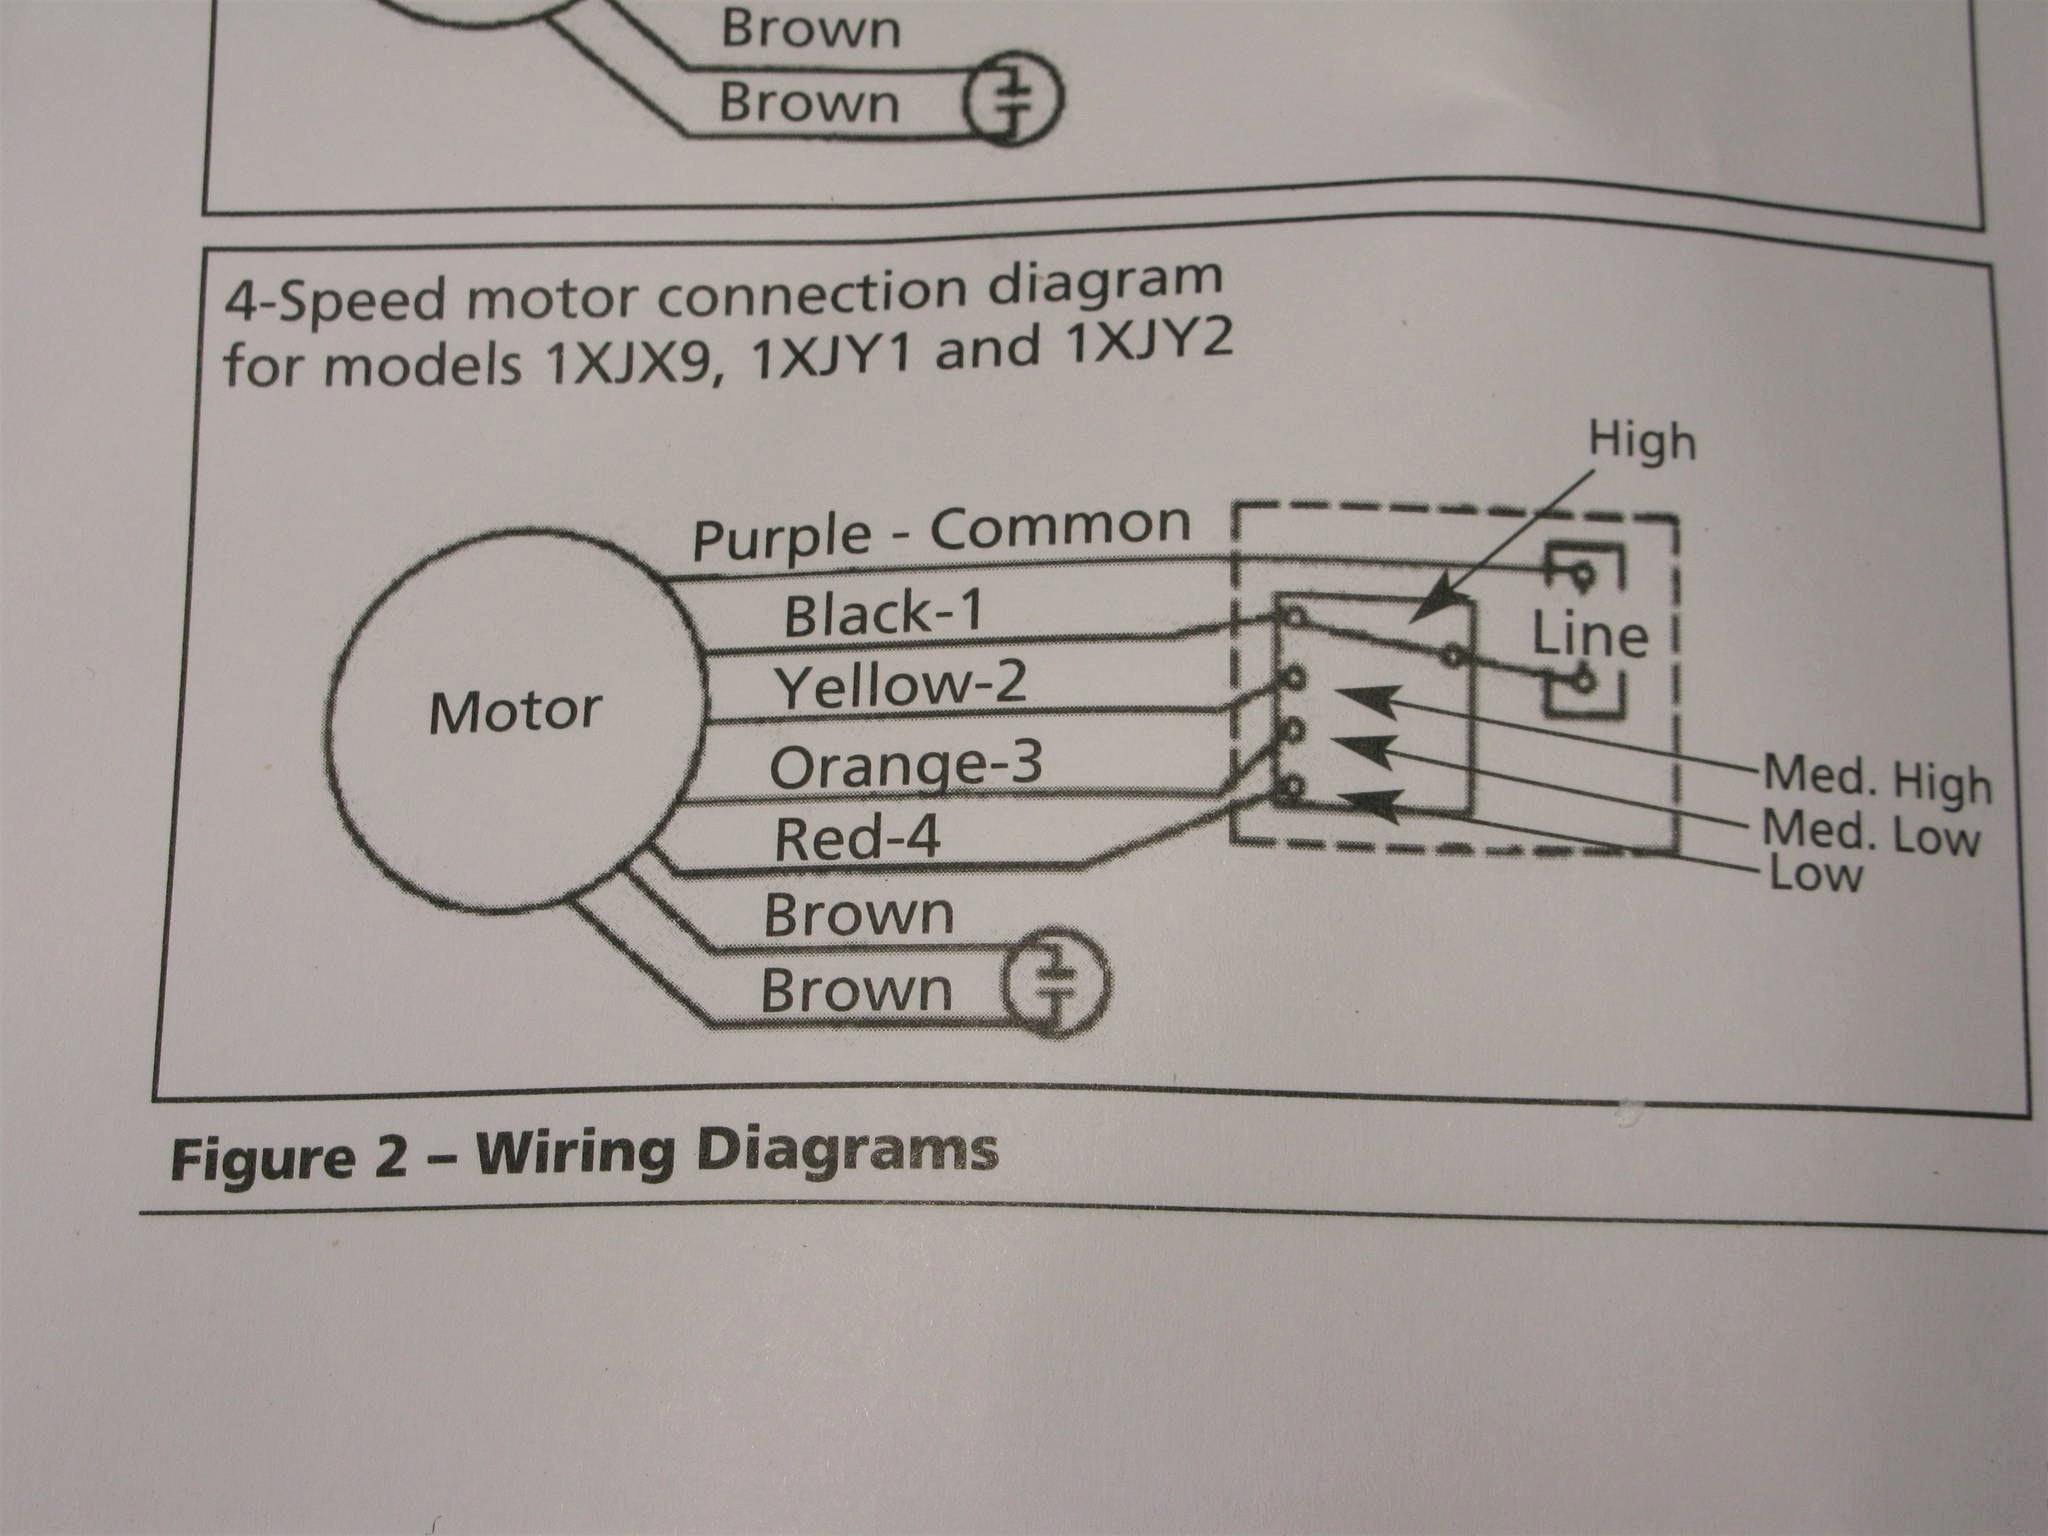 Dayton Electric Motors Wiring Diagram Download Simple Electric - Dayton Electric Motors Wiring Diagram Download